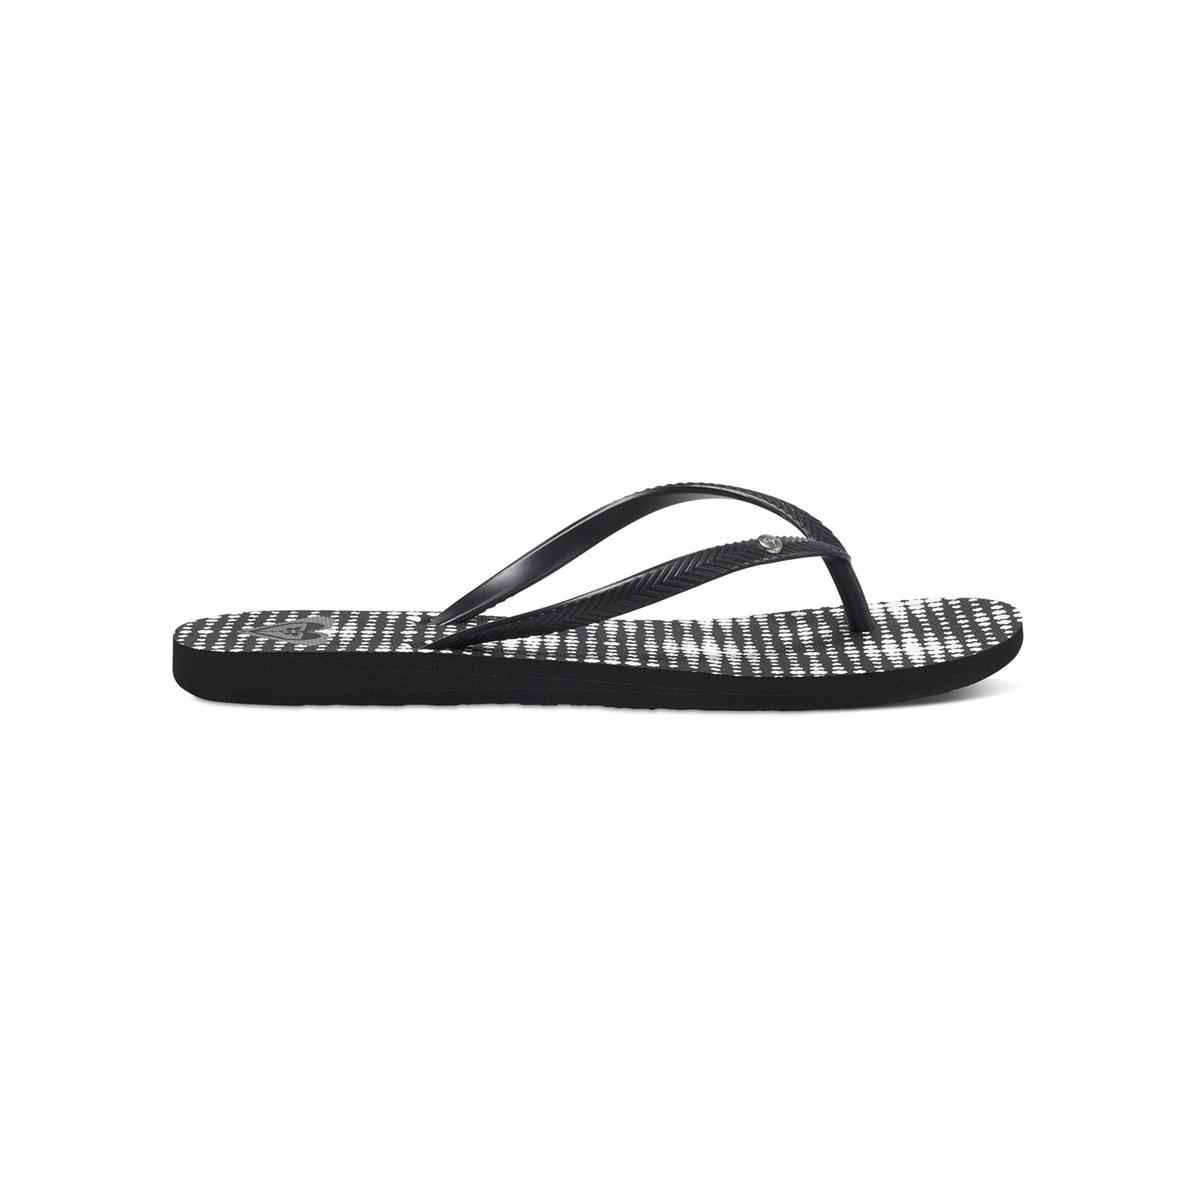 Вьетнамки BermudaВерх : синтетика   Подошва : каучук   Форма каблука : плоский каблук   Мысок : открытый мысок   Застежка : без застежки<br><br>Цвет: черный<br>Размер: 40